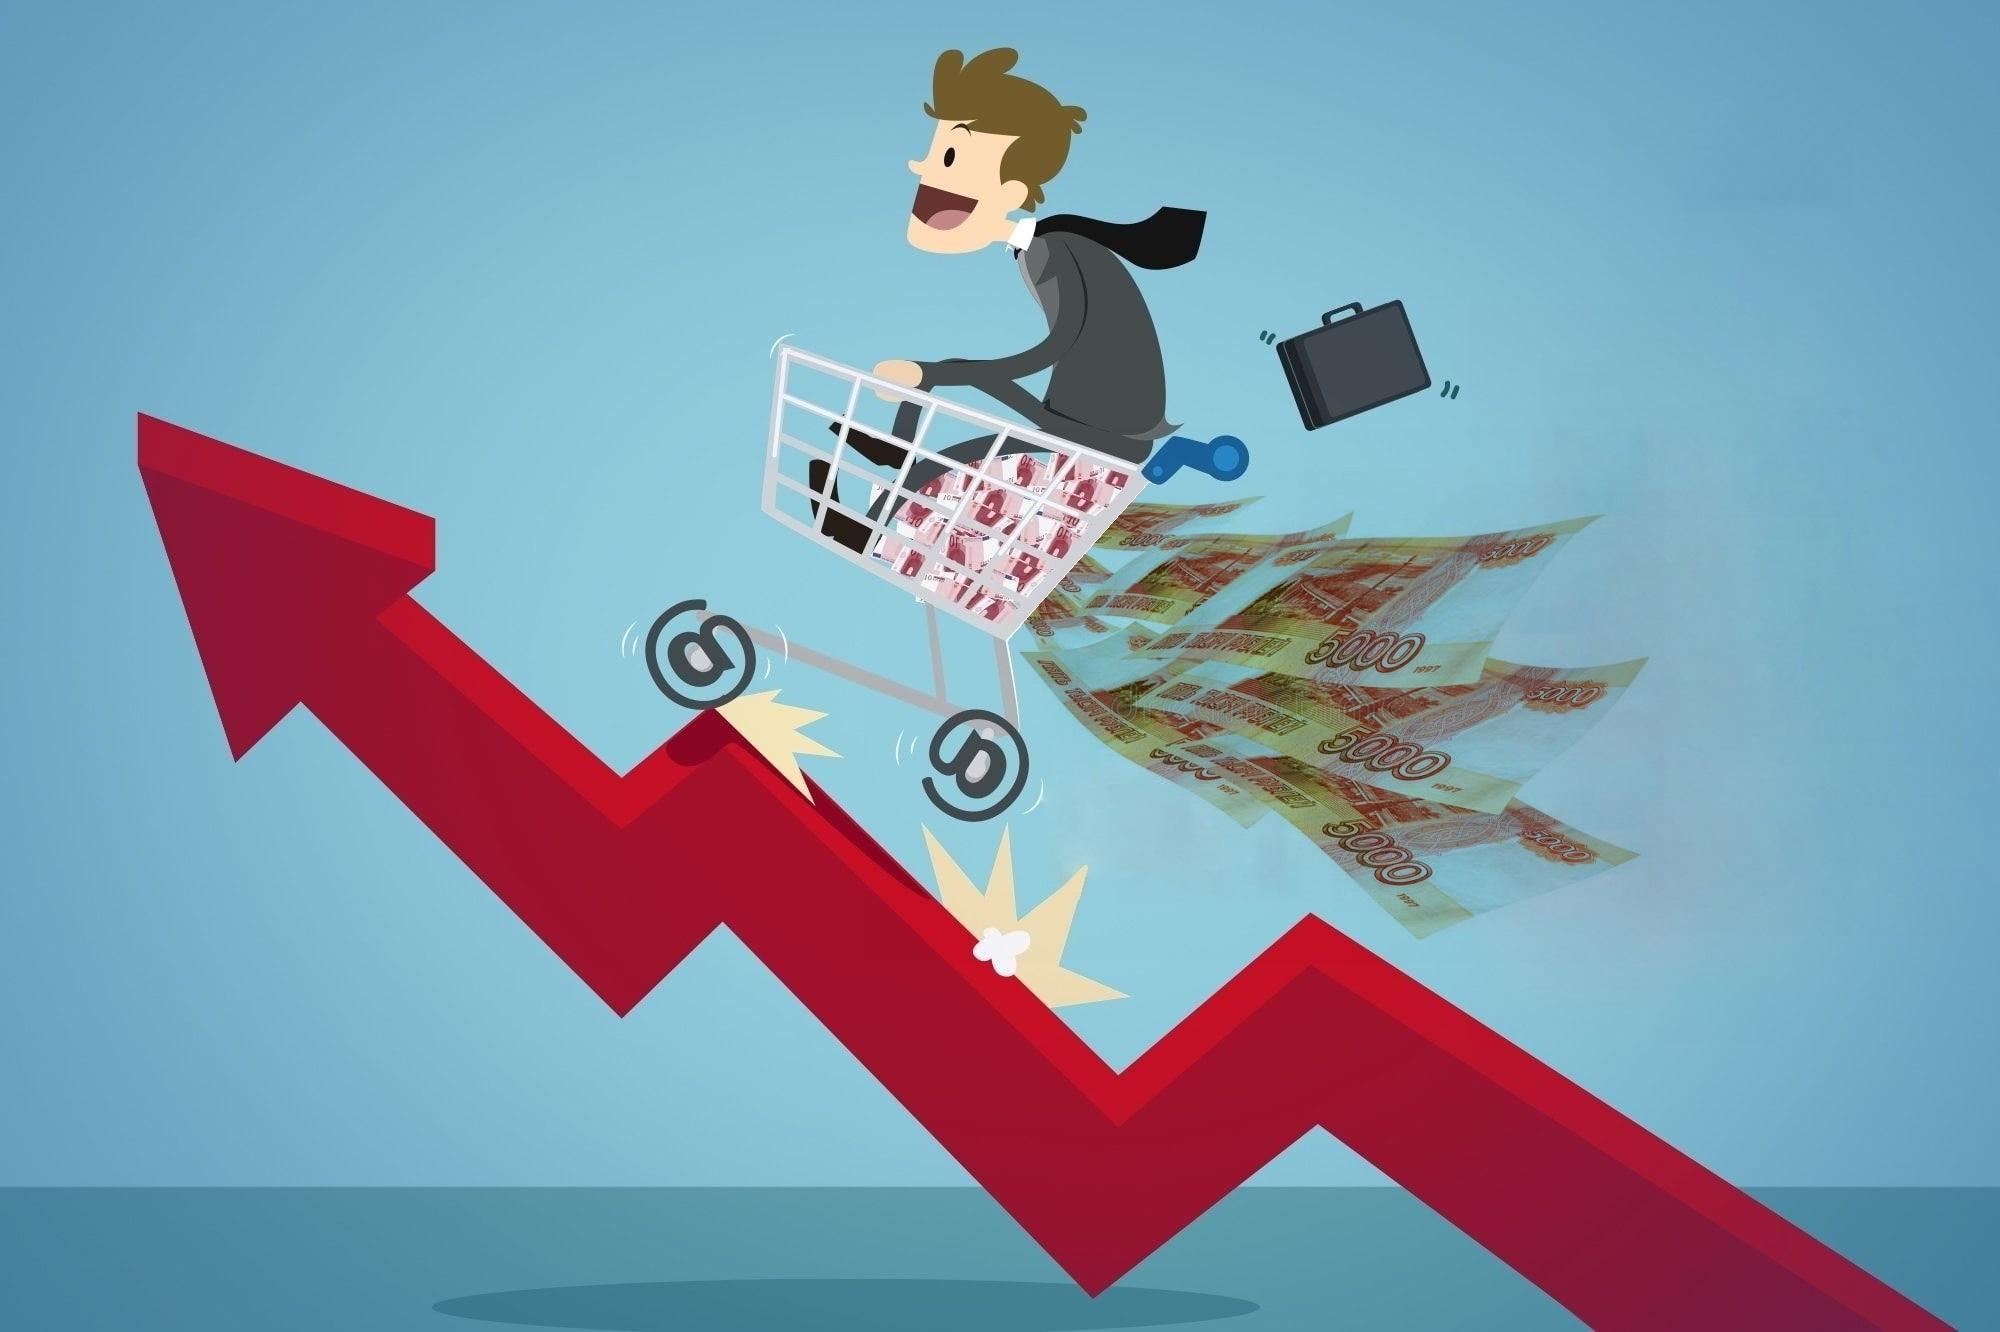 Цены на домашний интернет вырастут к концу лета 1